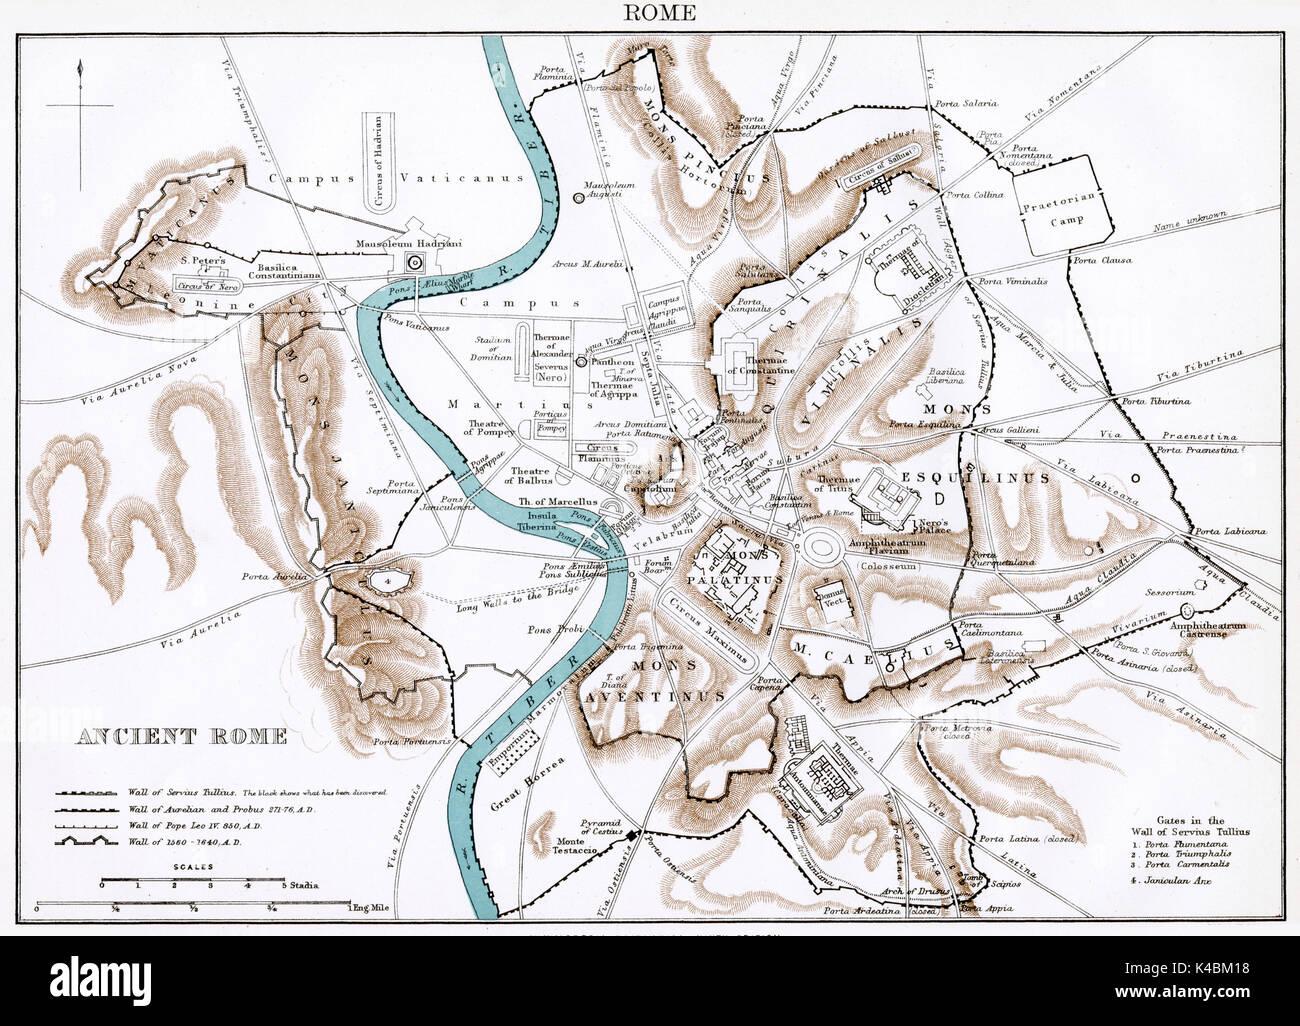 Cartina Antica Roma.Mappa Antico Circa 1875 Di Roma Antica Foto Stock Alamy